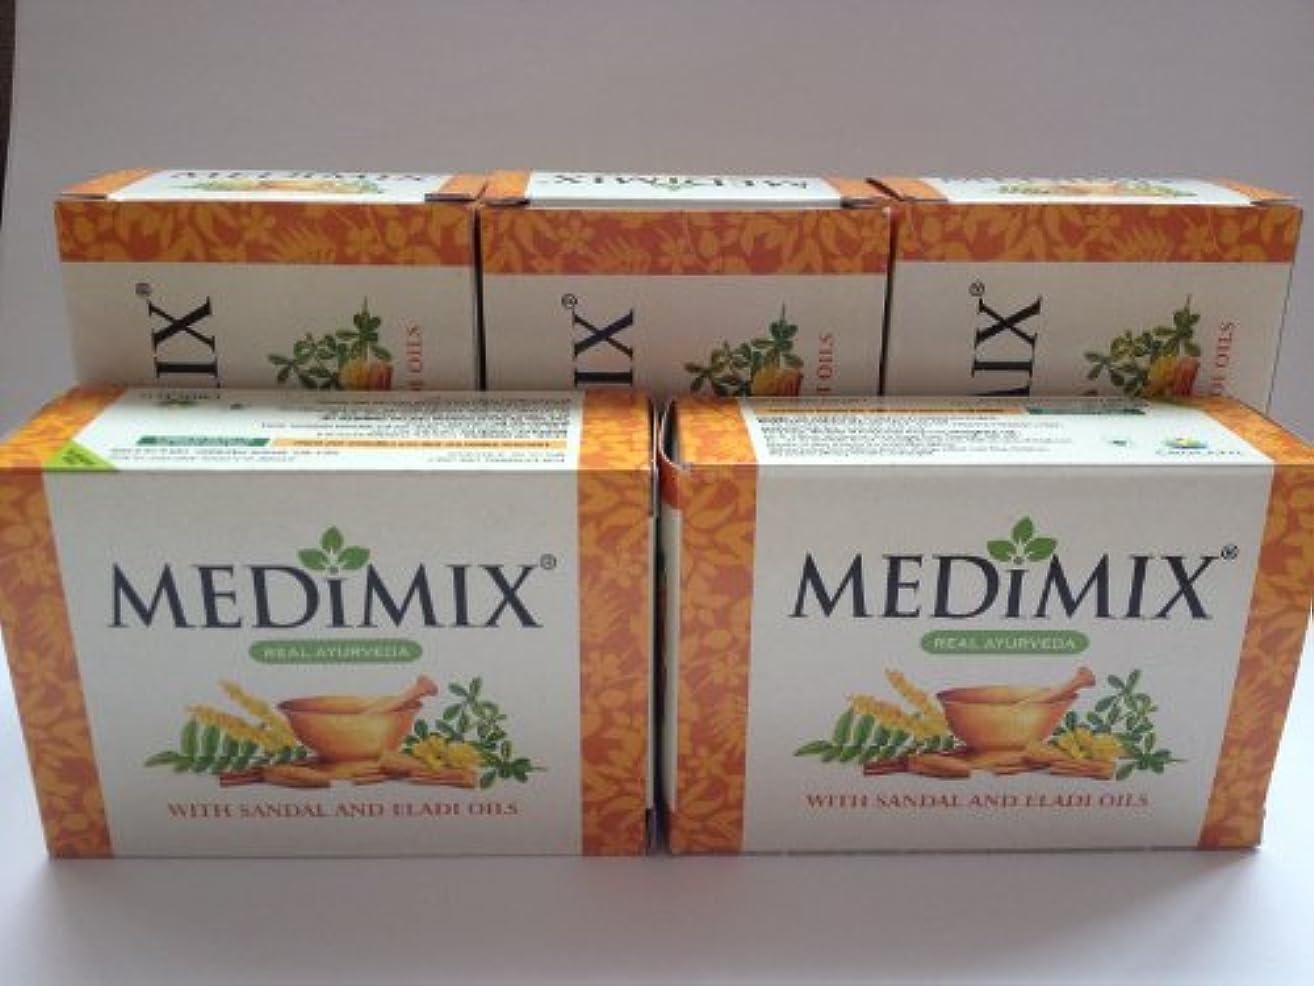 したがって道を作る行為美白 シミ ニキビ 対策!MEDIMIX ソープ メディミックス アーユルヴェーダ石鹸、サンダルウッド 【5個セット】並行輸入品